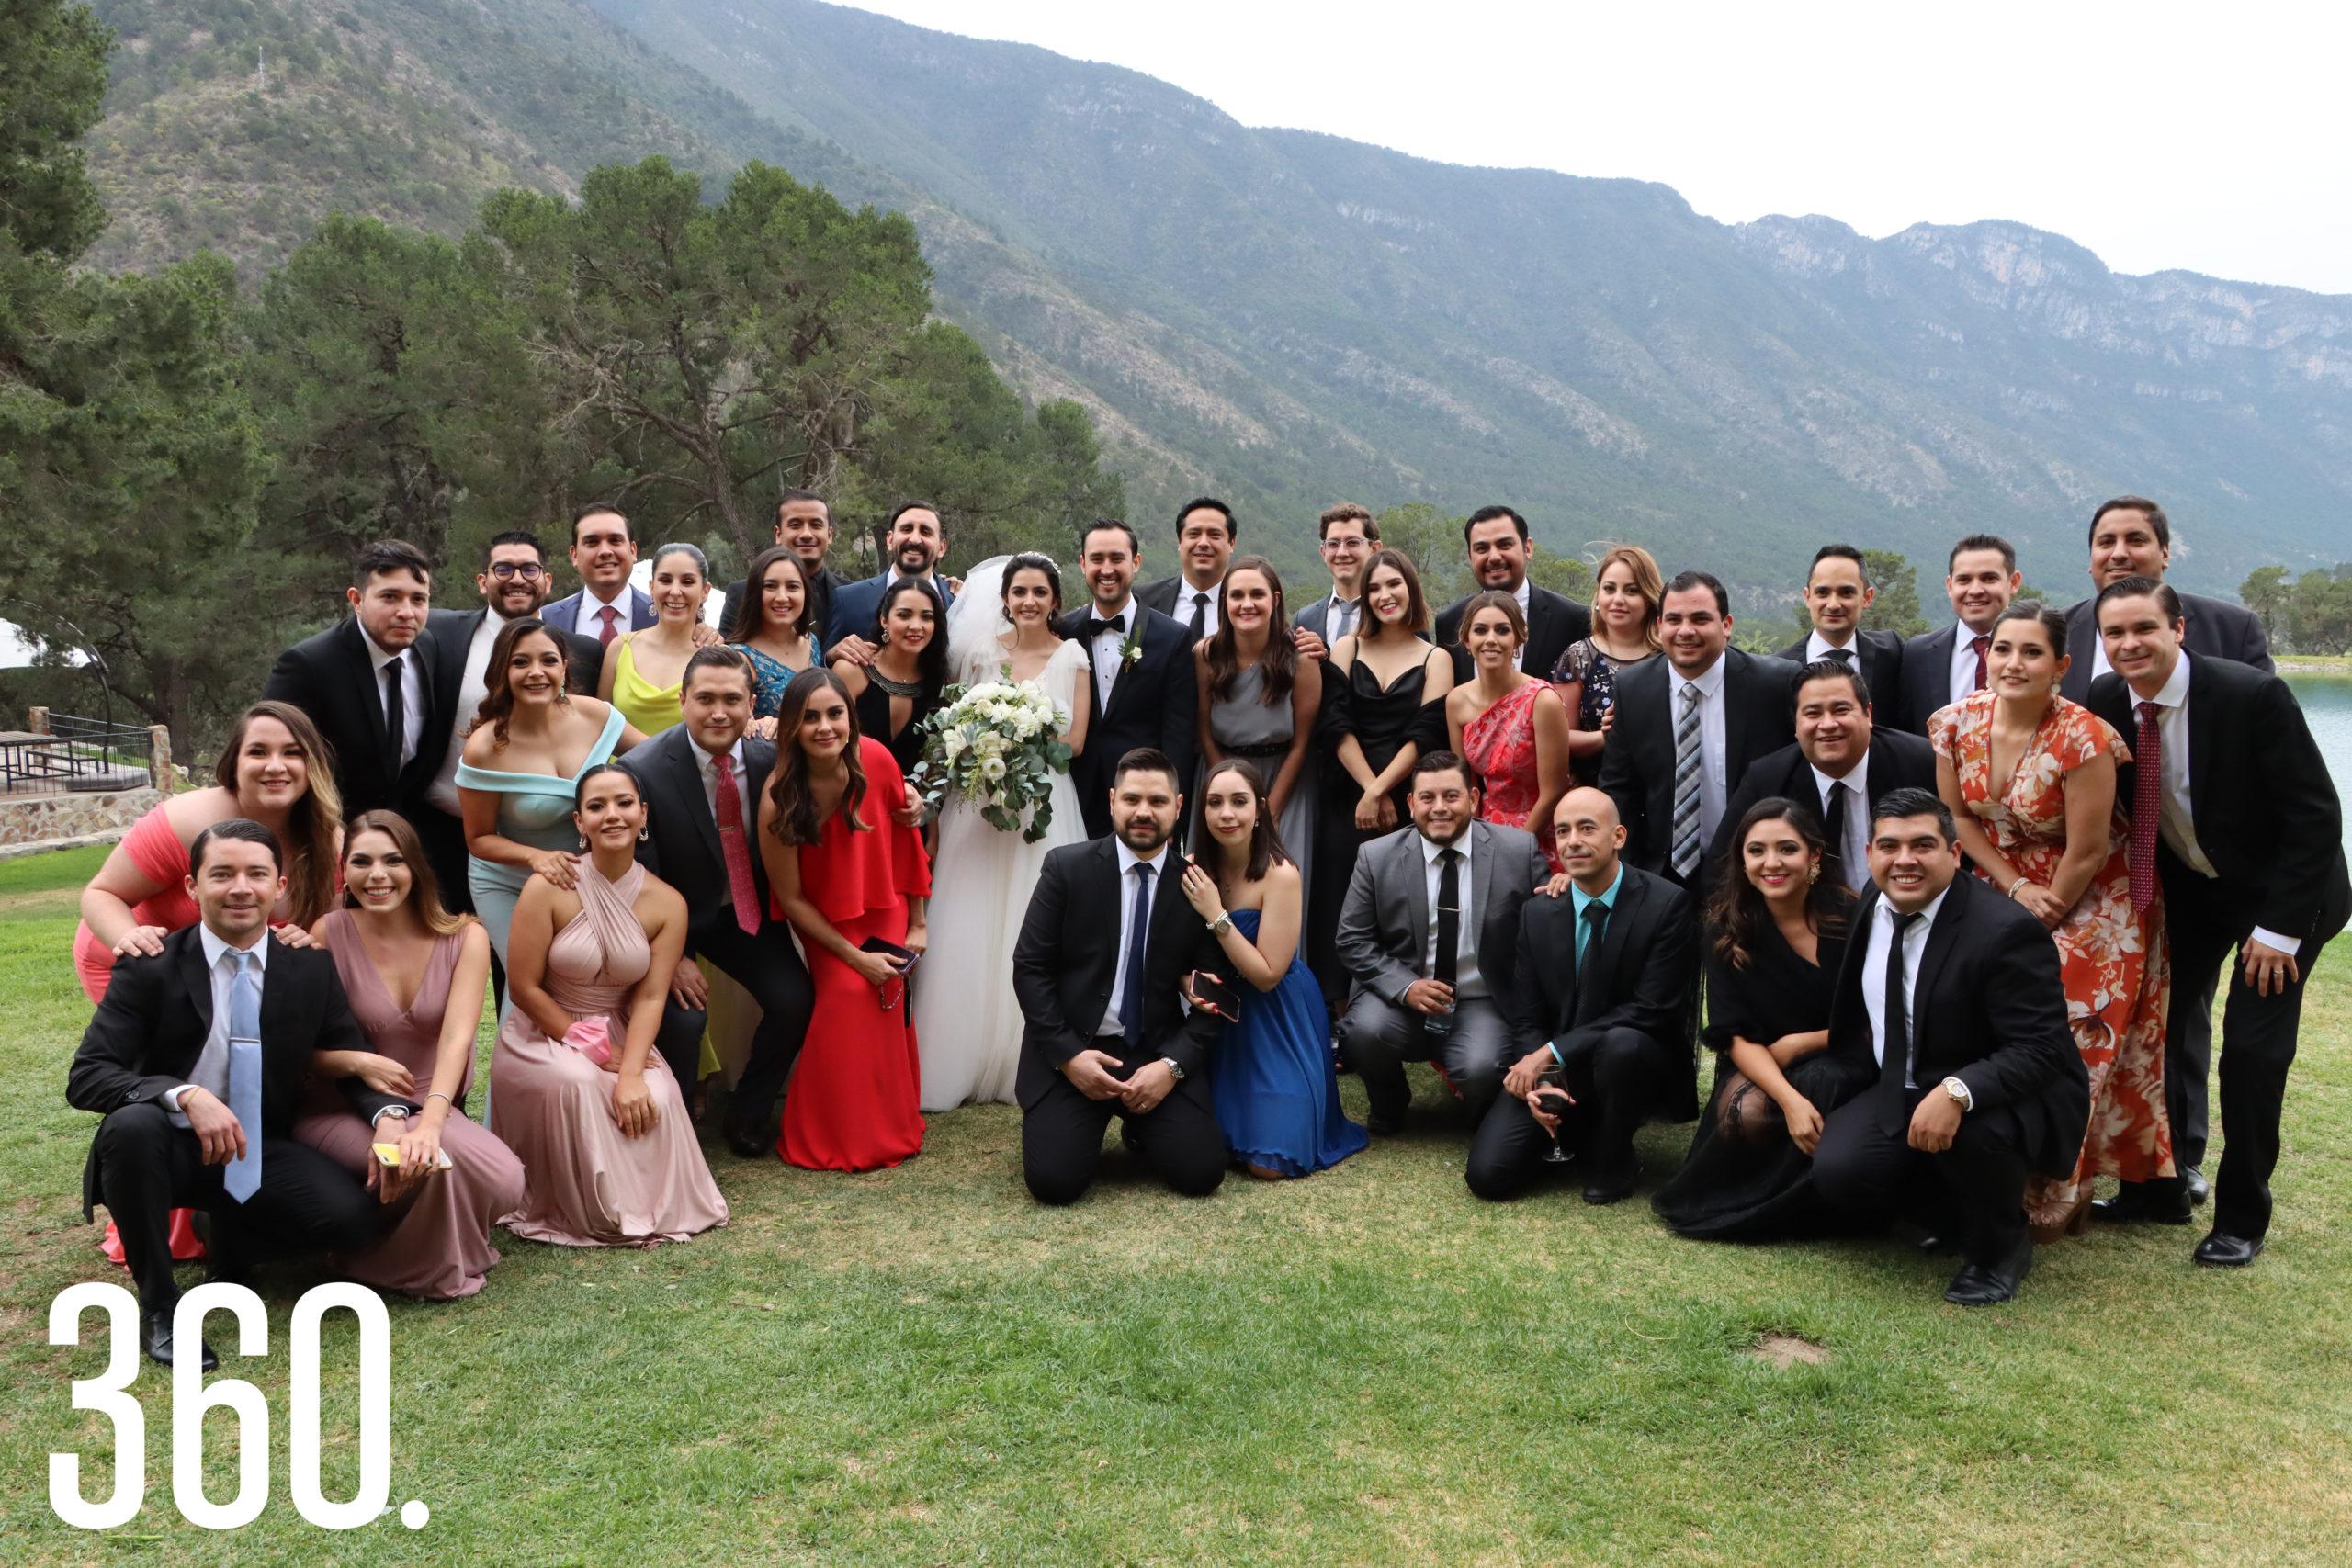 El recién formado matrimonio Saldaña Elizondo compartió su felicidad con sus mejores amigos.